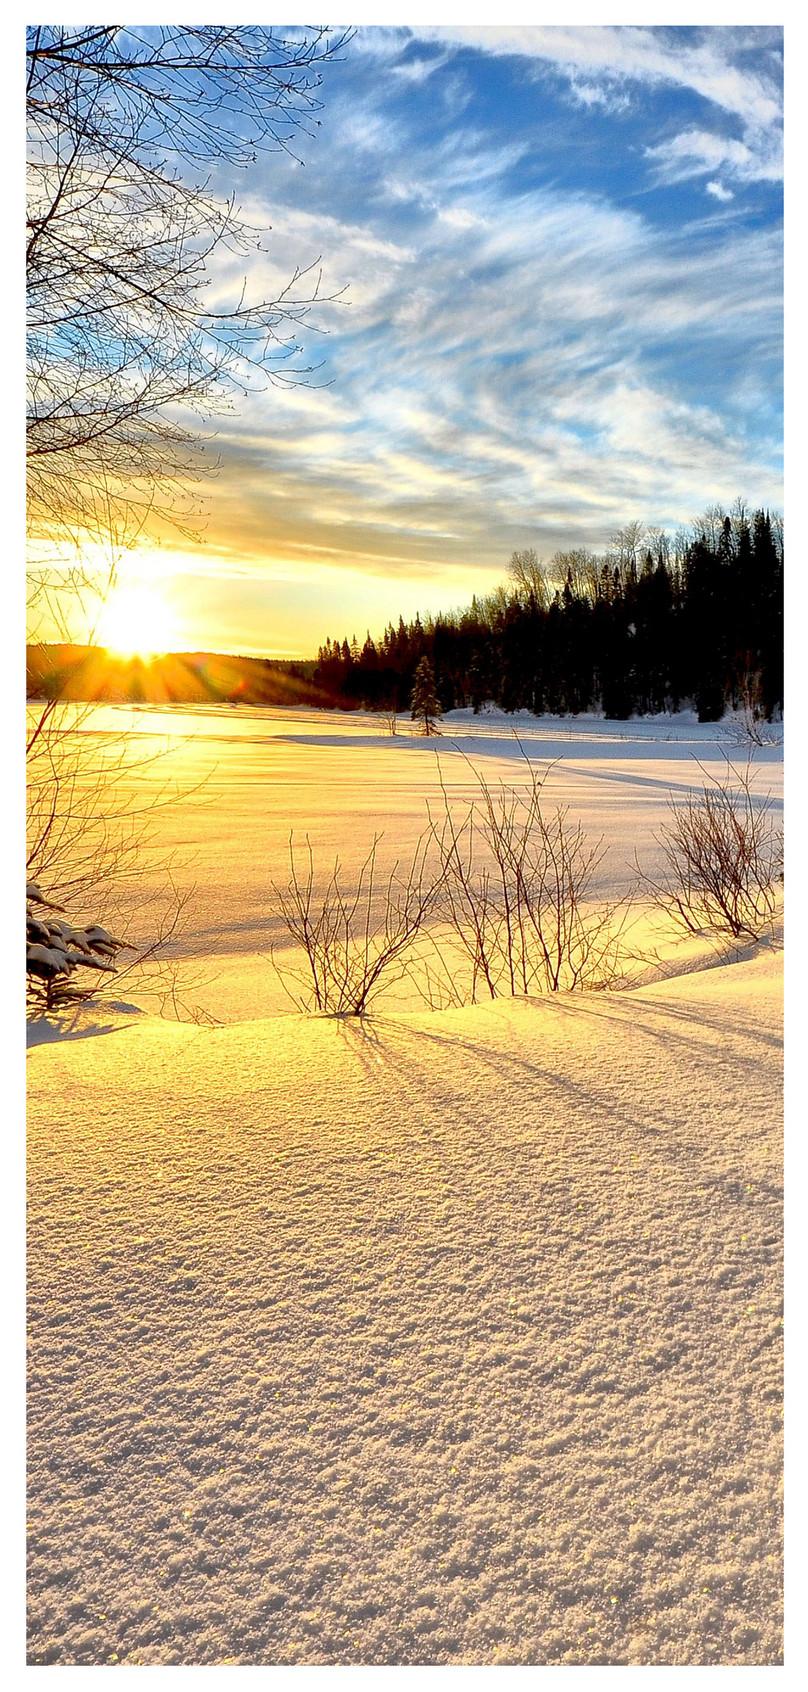 冬の太陽の光の壁紙イメージ 背景 Id 400706146 Prf画像フォーマット